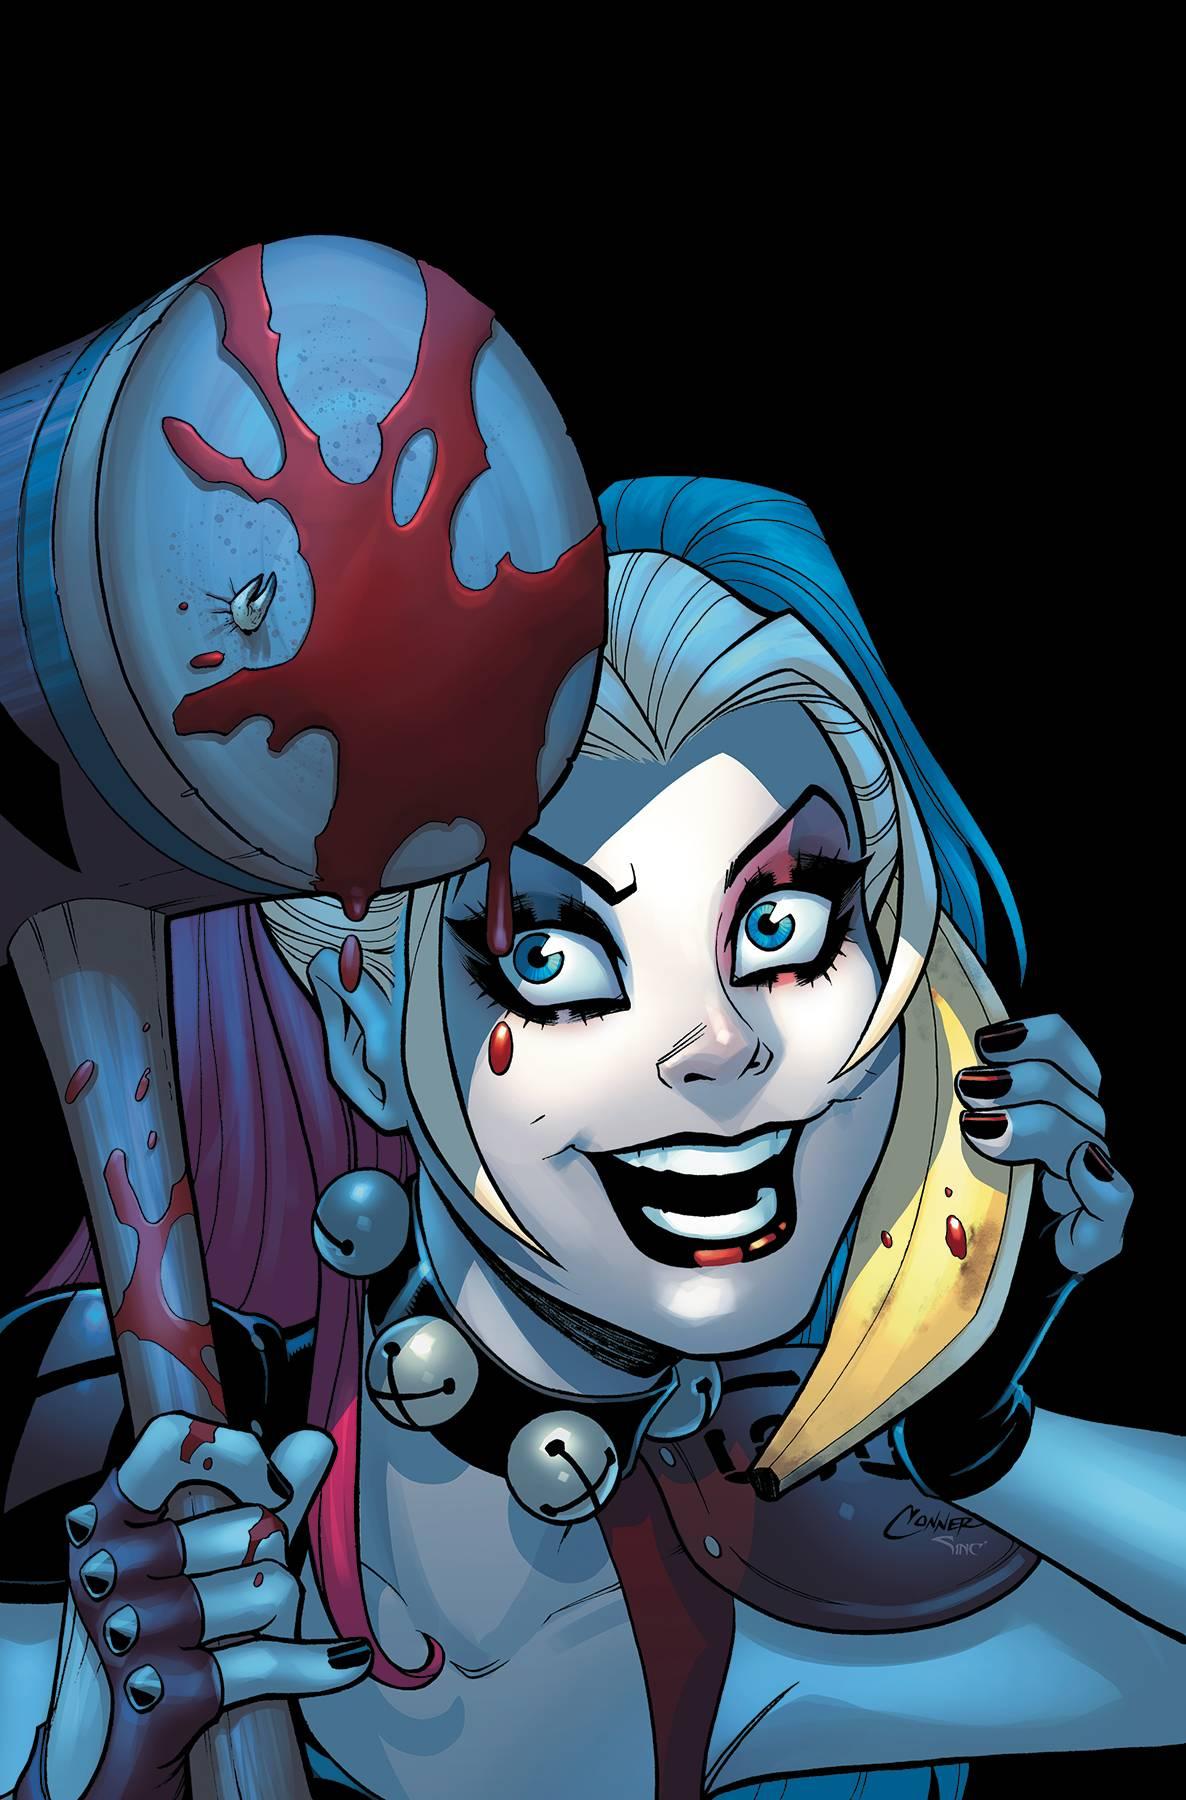 Harley Quinn TP Vol. 1 Die Laughing (Rebirth)